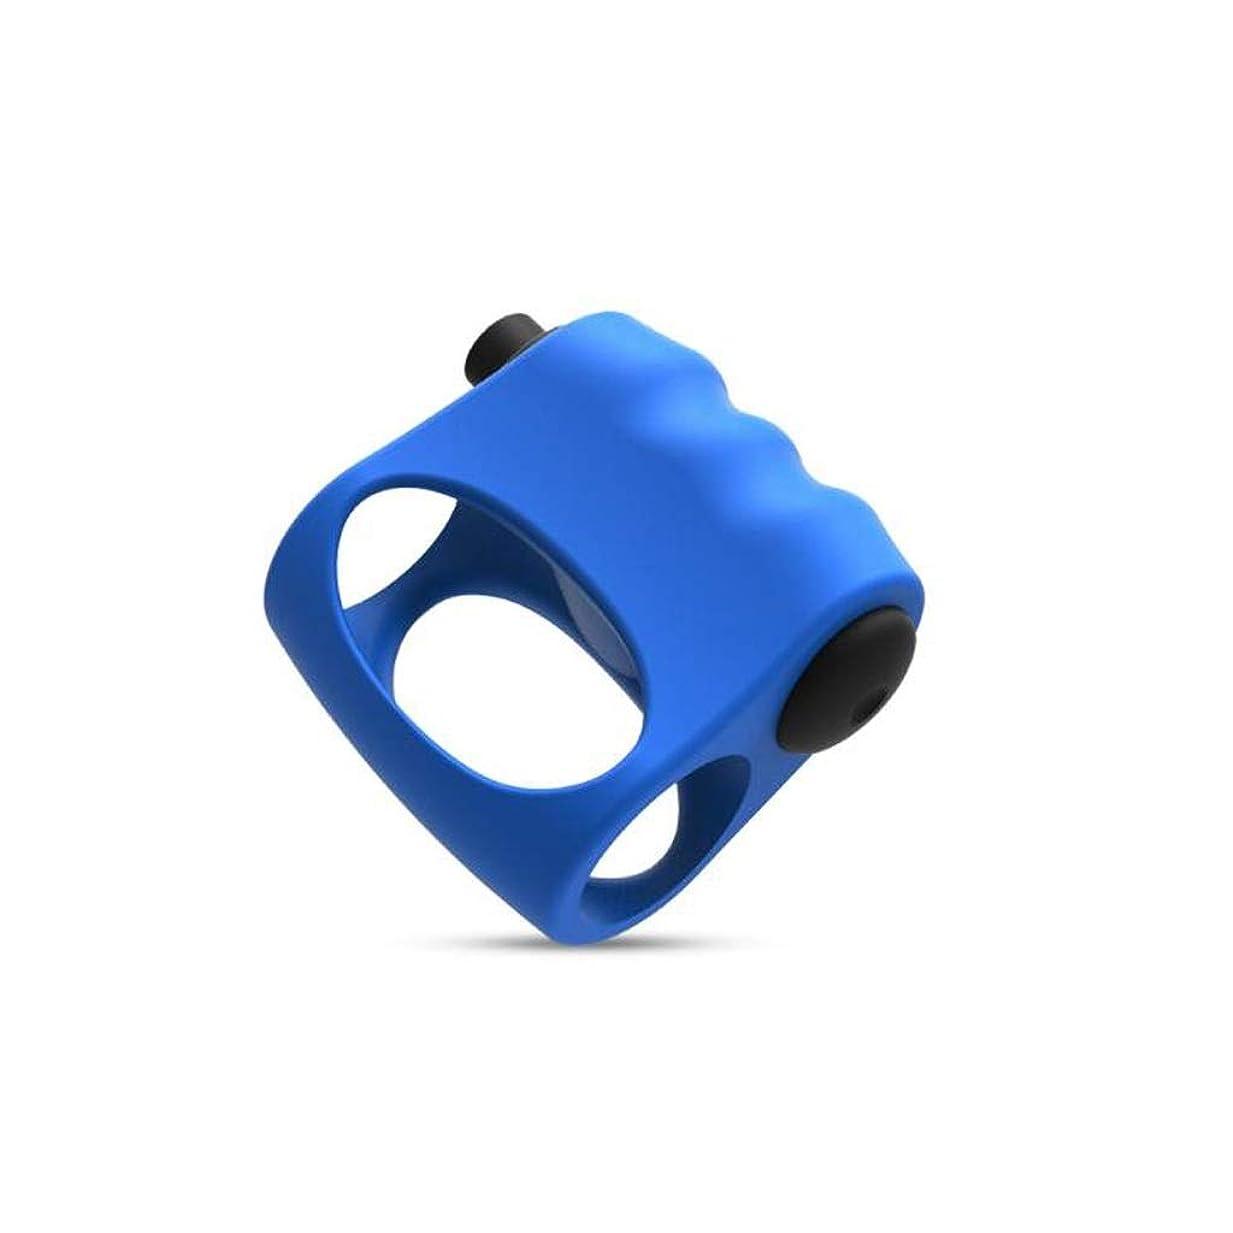 信念ガス相反するMXD 4穴振動遅延リングメンズエクササイズ玩具ソフトで快適なシリコーン防水Tシャツ